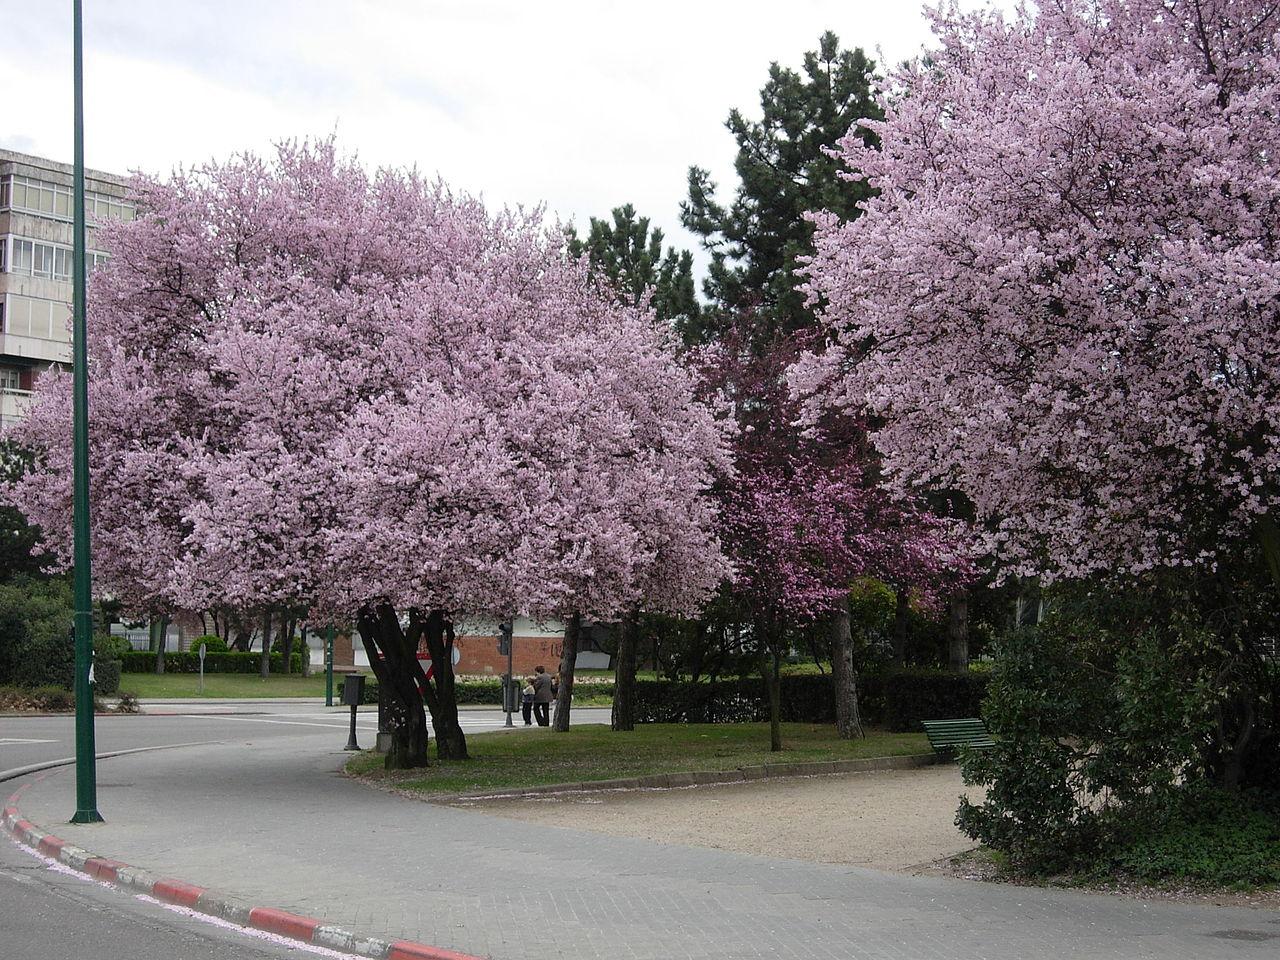 Almendros en flor en la Avenida de Salamanca (Valladolid) de Rondador - Trabajo propio. Disponible bajo la licencia CC BY-SA 3.0 vía Wikimedia Commons.